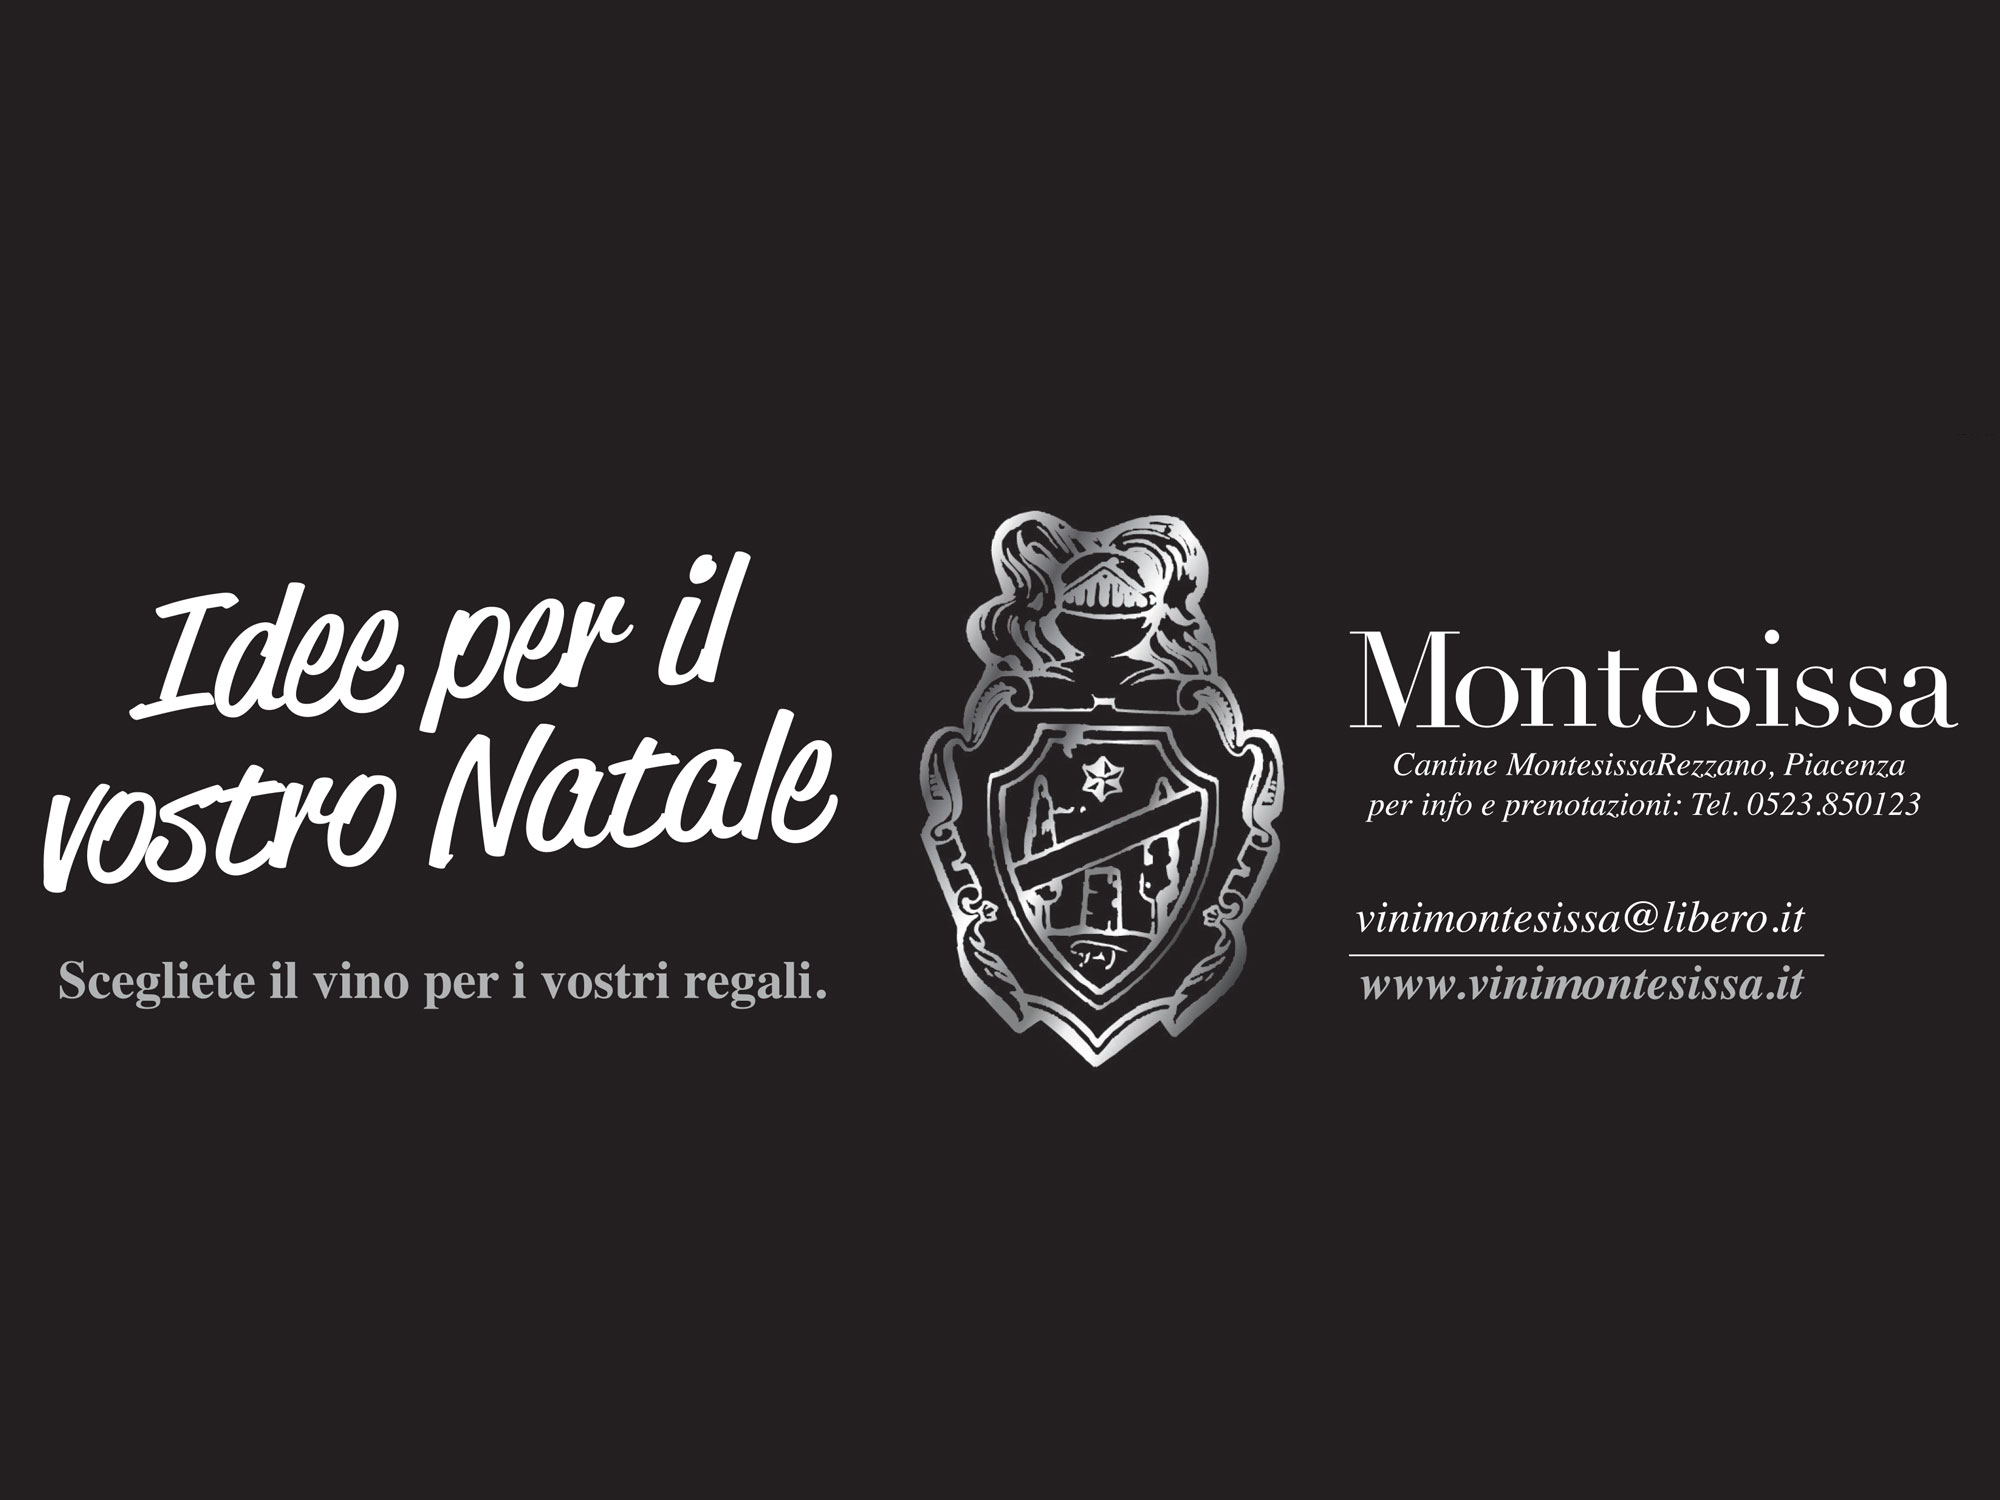 News natale 2015 Montesissa